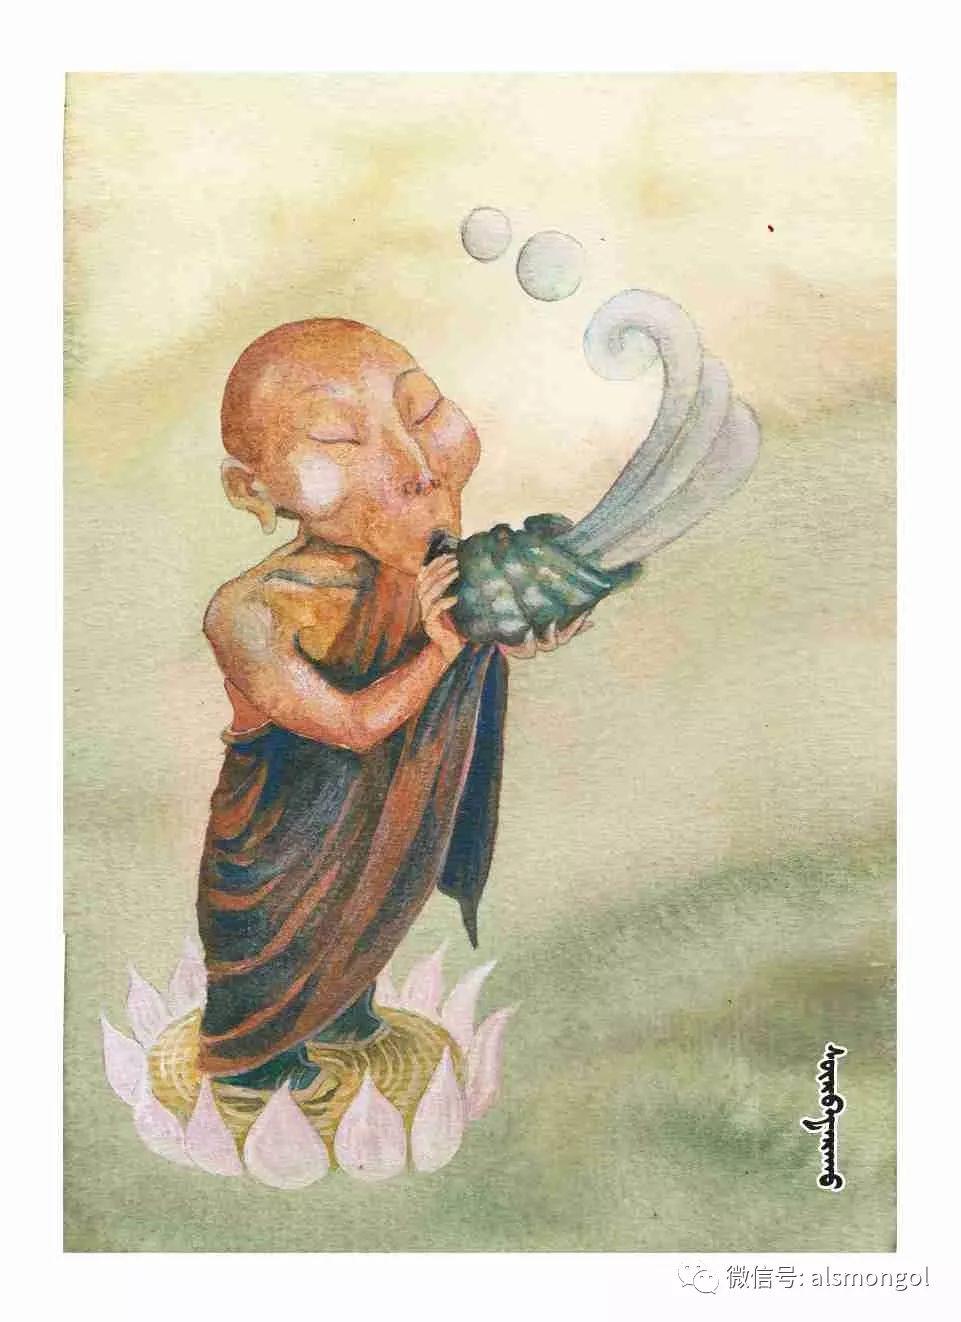 【智慧蒙古】人美画更美,年轻画家海乐和她的绘画作品! 第41张 【智慧蒙古】人美画更美,年轻画家海乐和她的绘画作品! 蒙古画廊